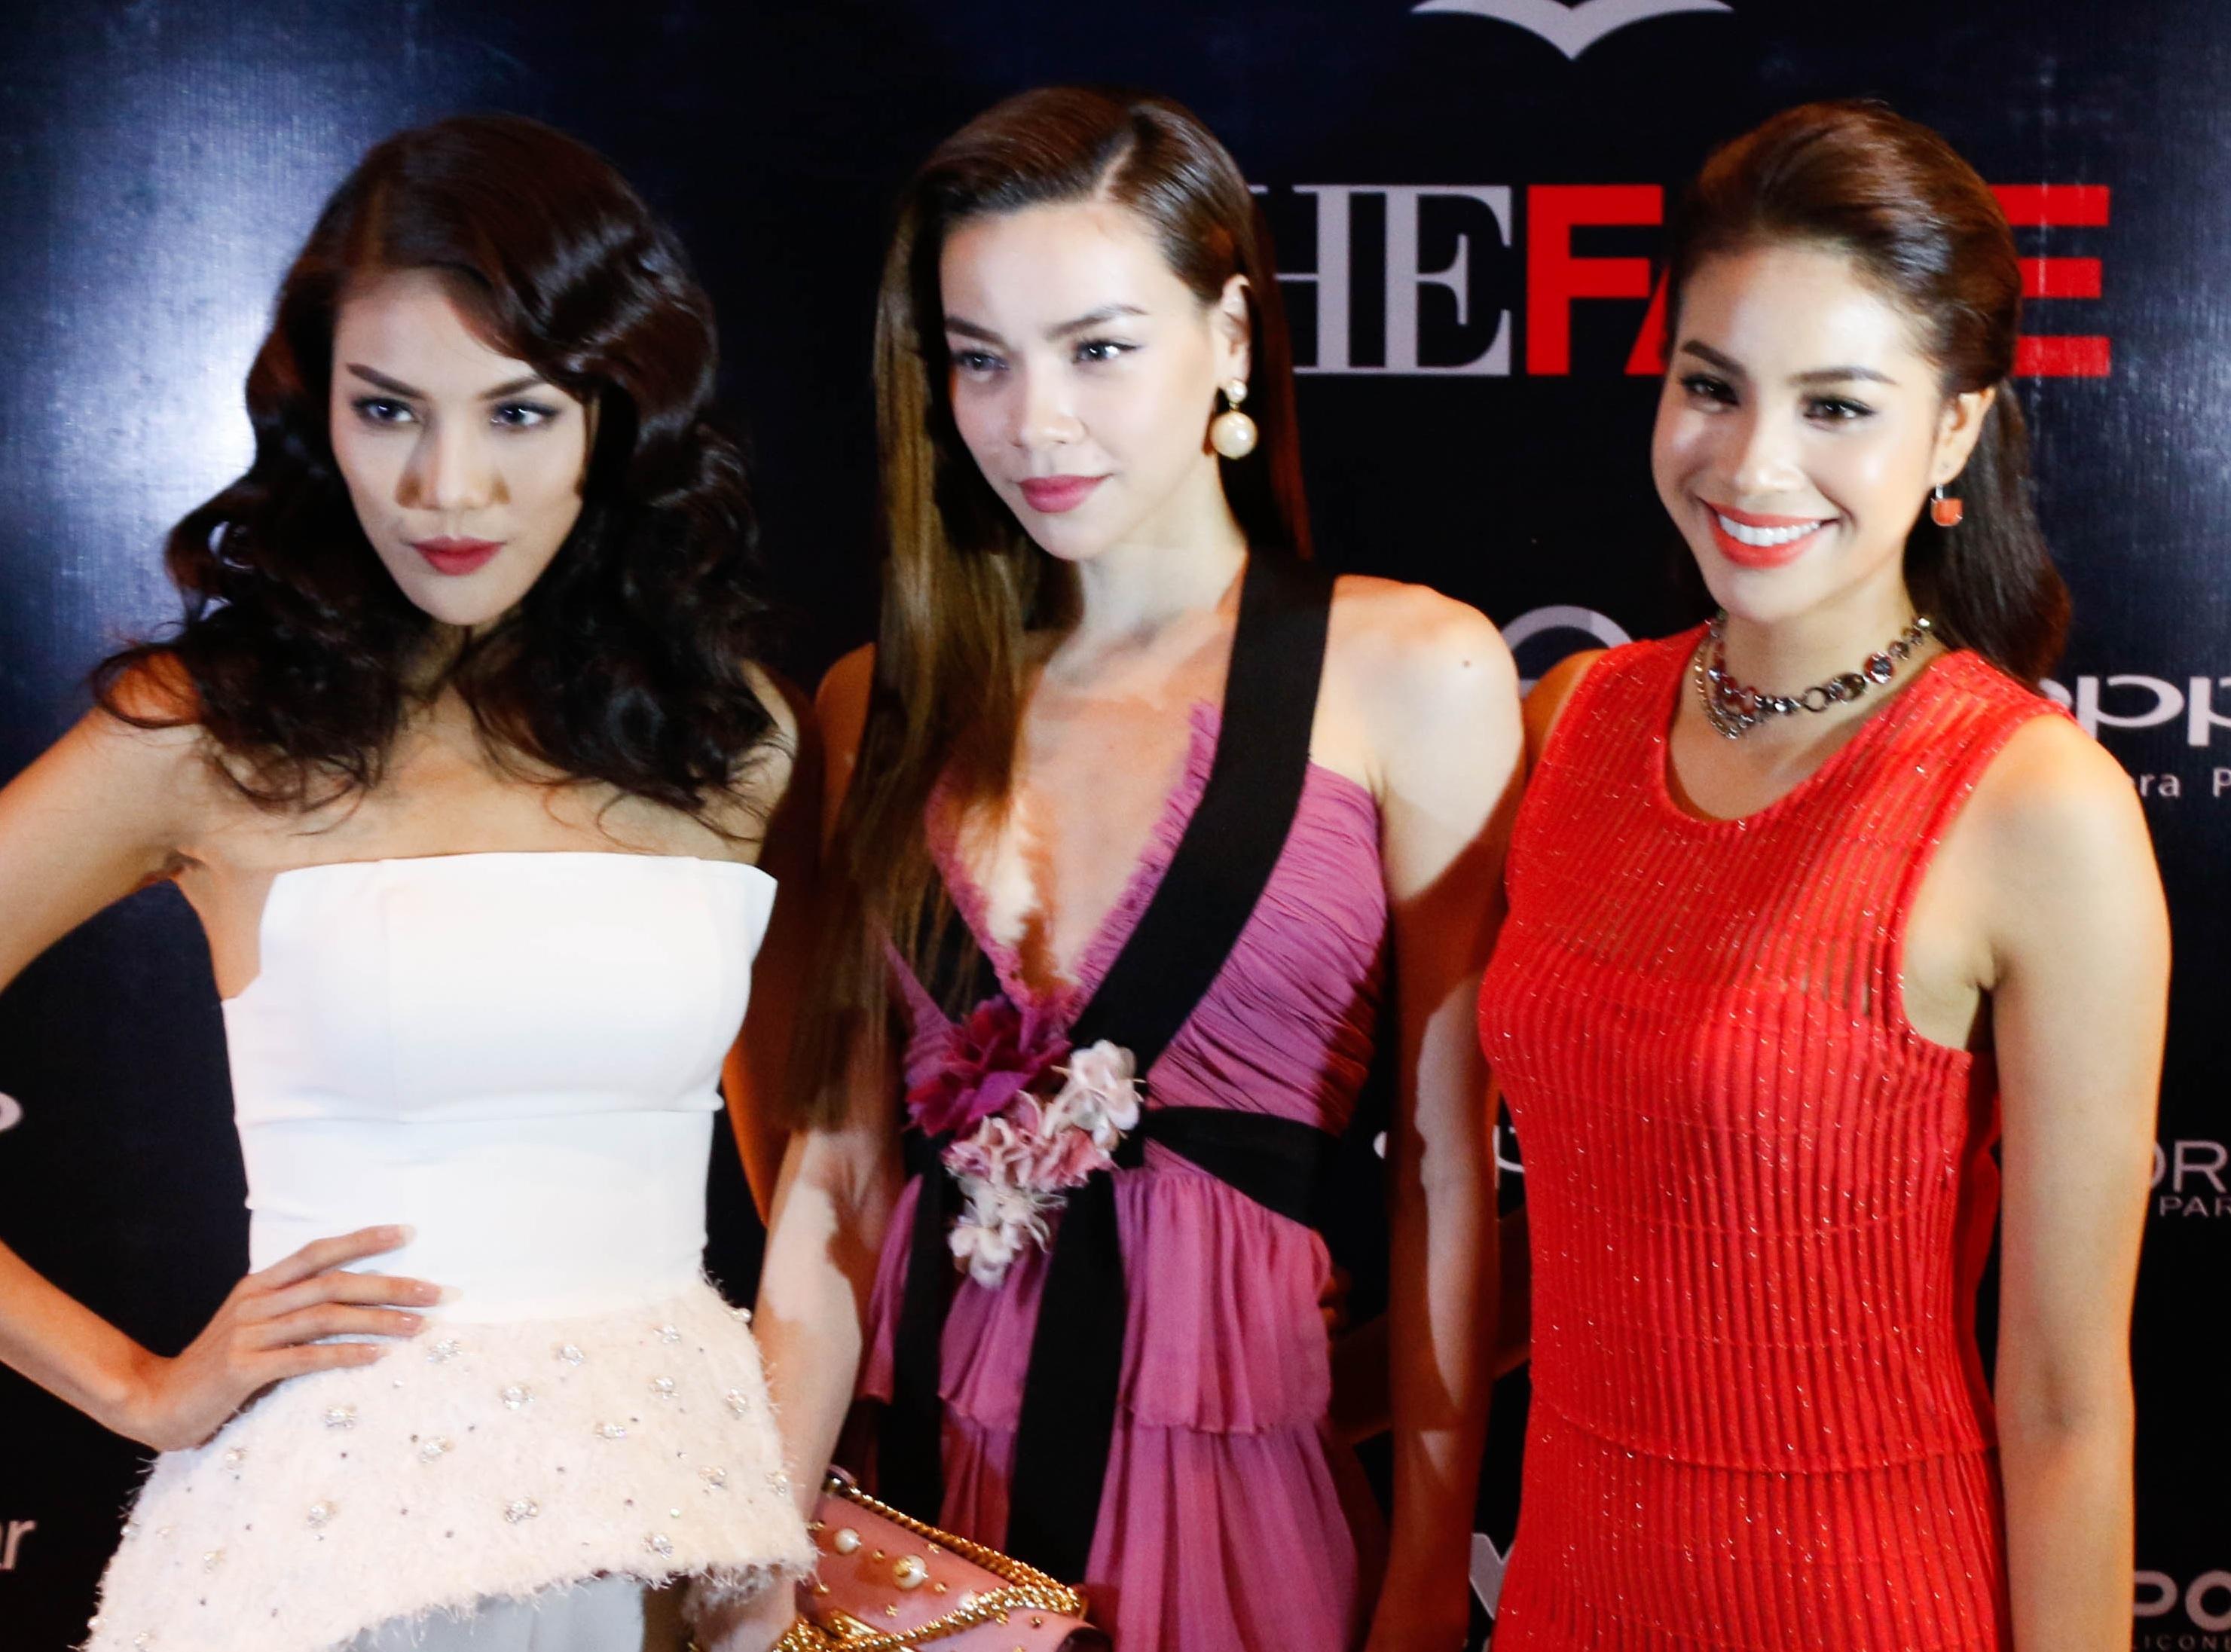 Bộ 3 giám khảo Lan Khuê, Hồ Ngọc Hà và Phạm Hương đang là những giám khảo đang được khán giả quan tâm